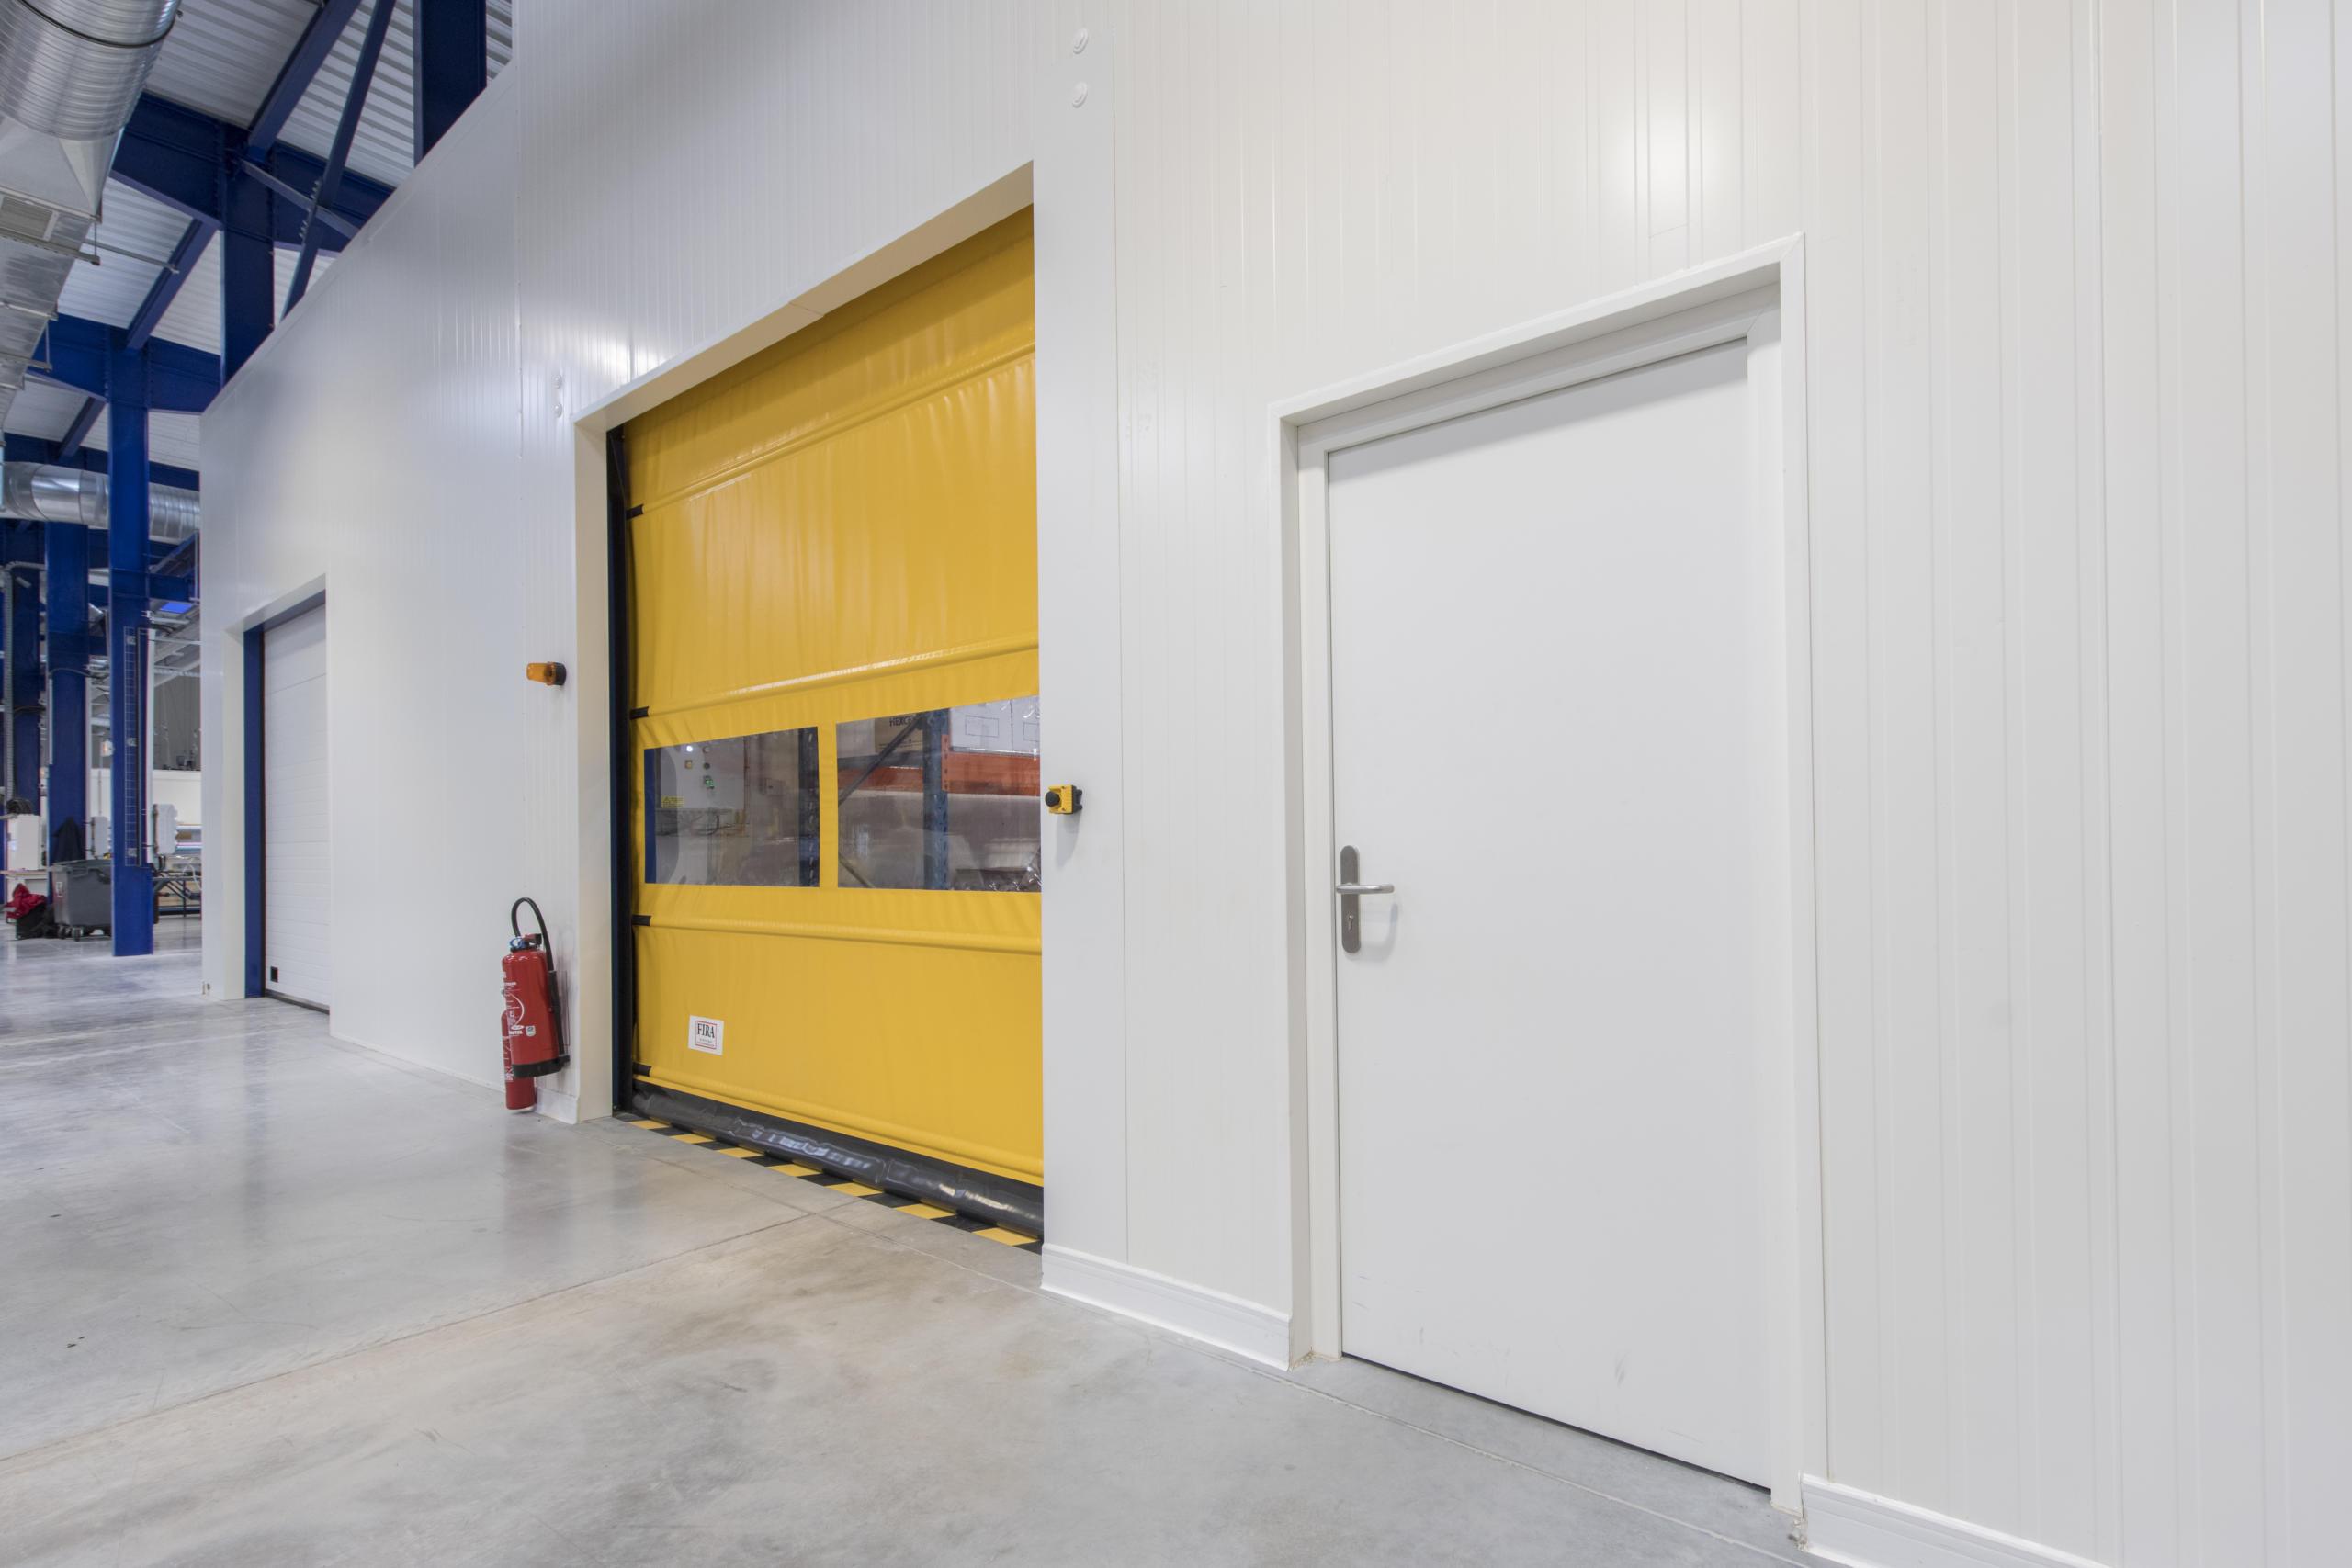 The Dagard industrial door